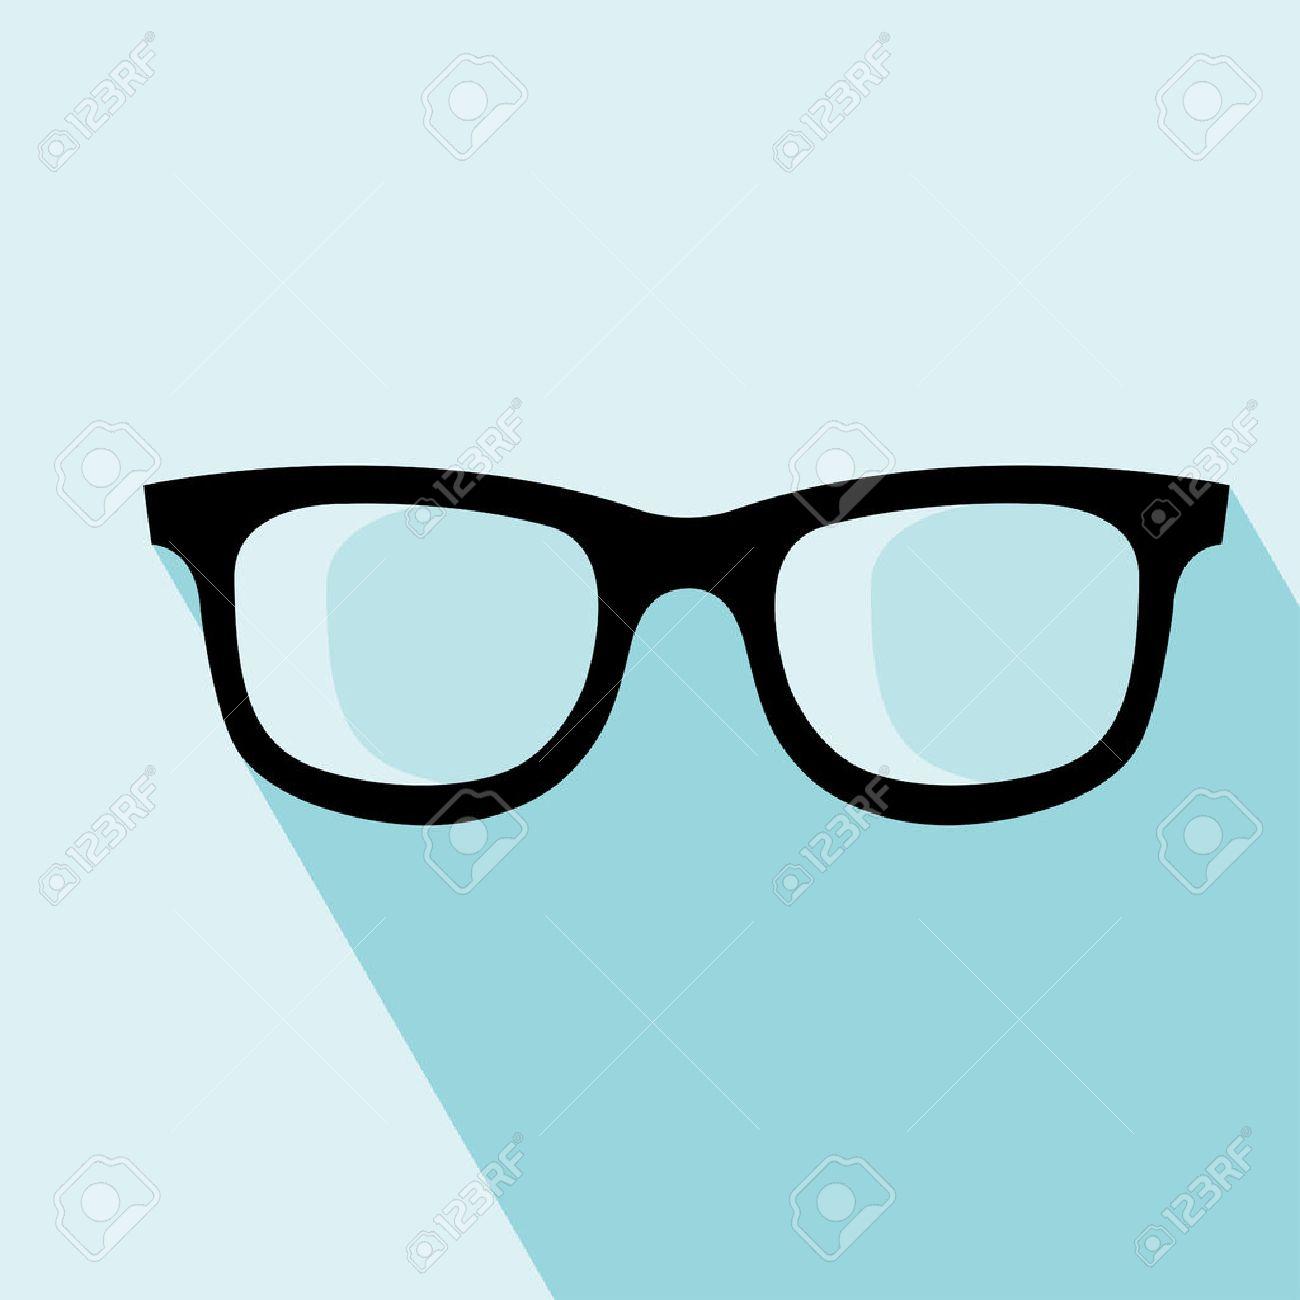 Brille Icon Vektor Illustration Elemente Fur Das Design Brillen Symbol Auf Blauem Hintergrund Lizenzfrei Nutzbare Vektorgrafiken Clip Arts Illustrationen Image 32060680